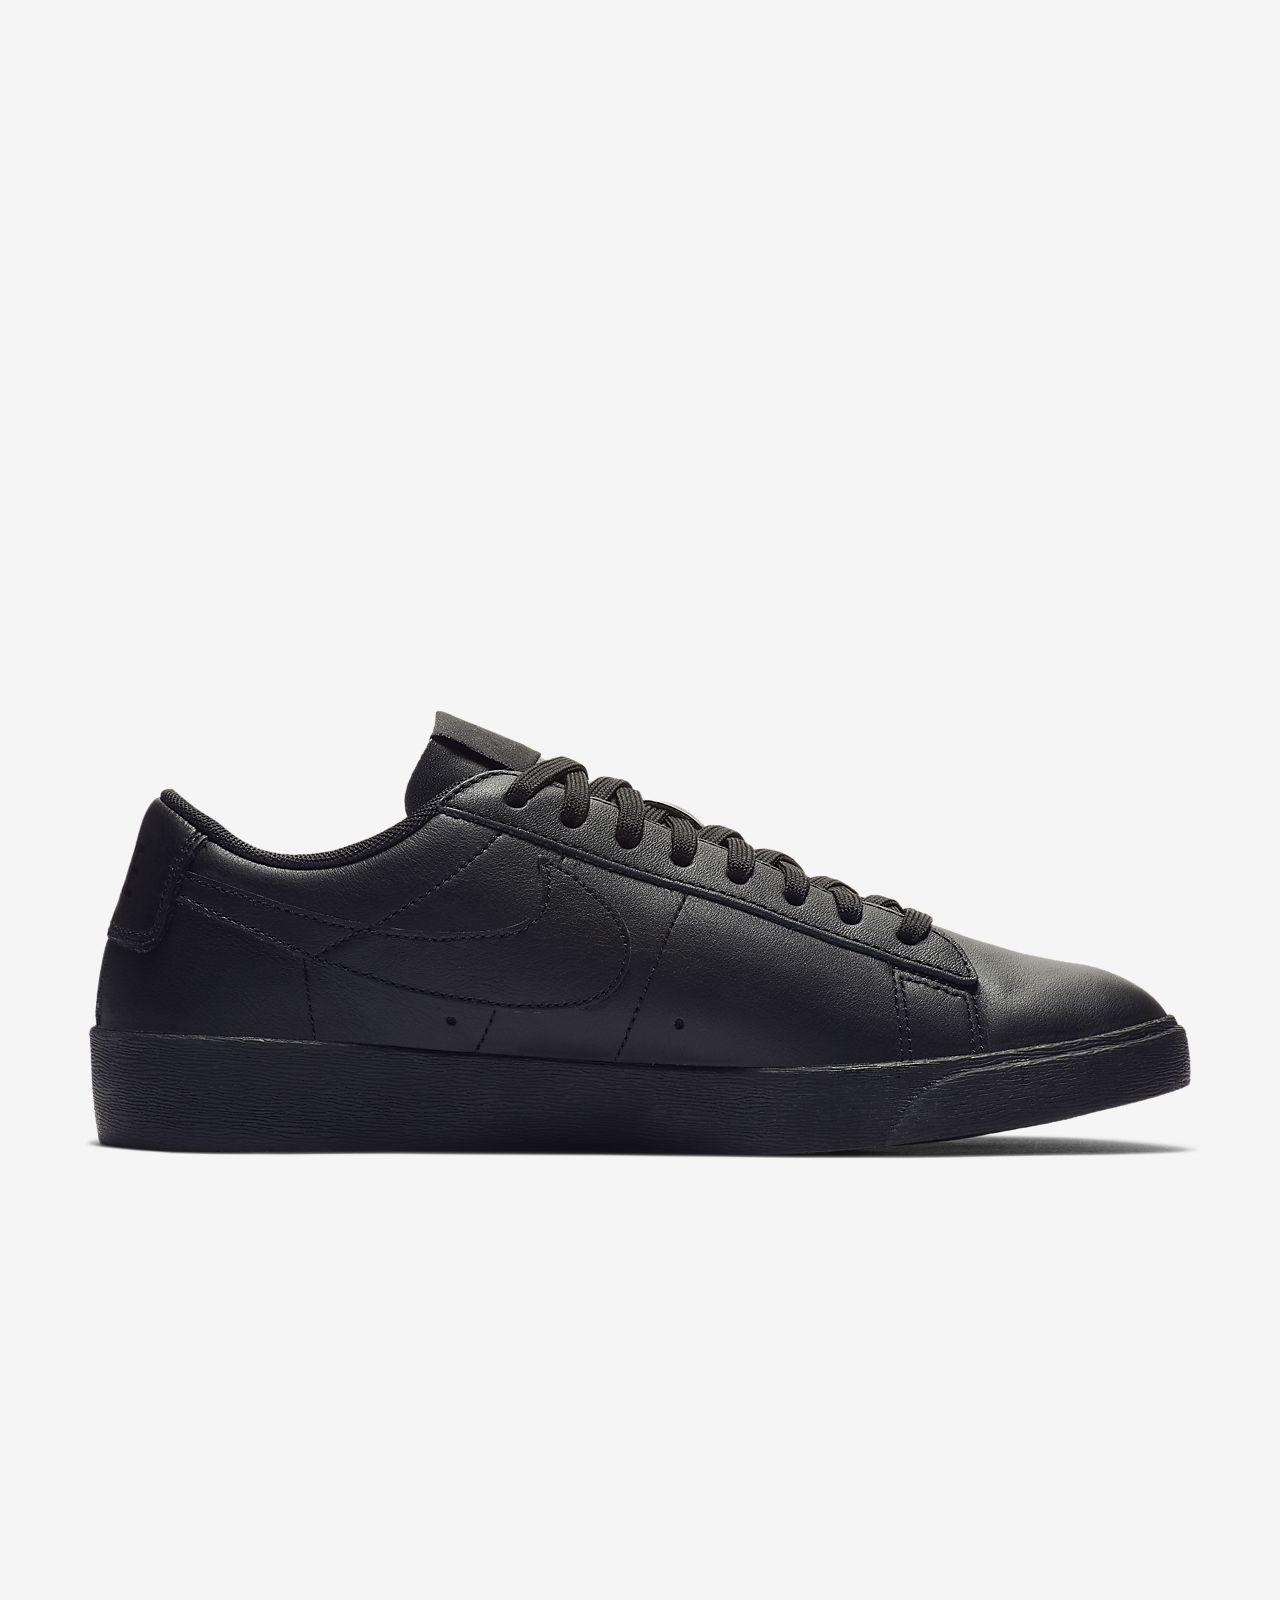 buy popular f402a 40281 ... Sko Nike Blazer Low LE för kvinnor